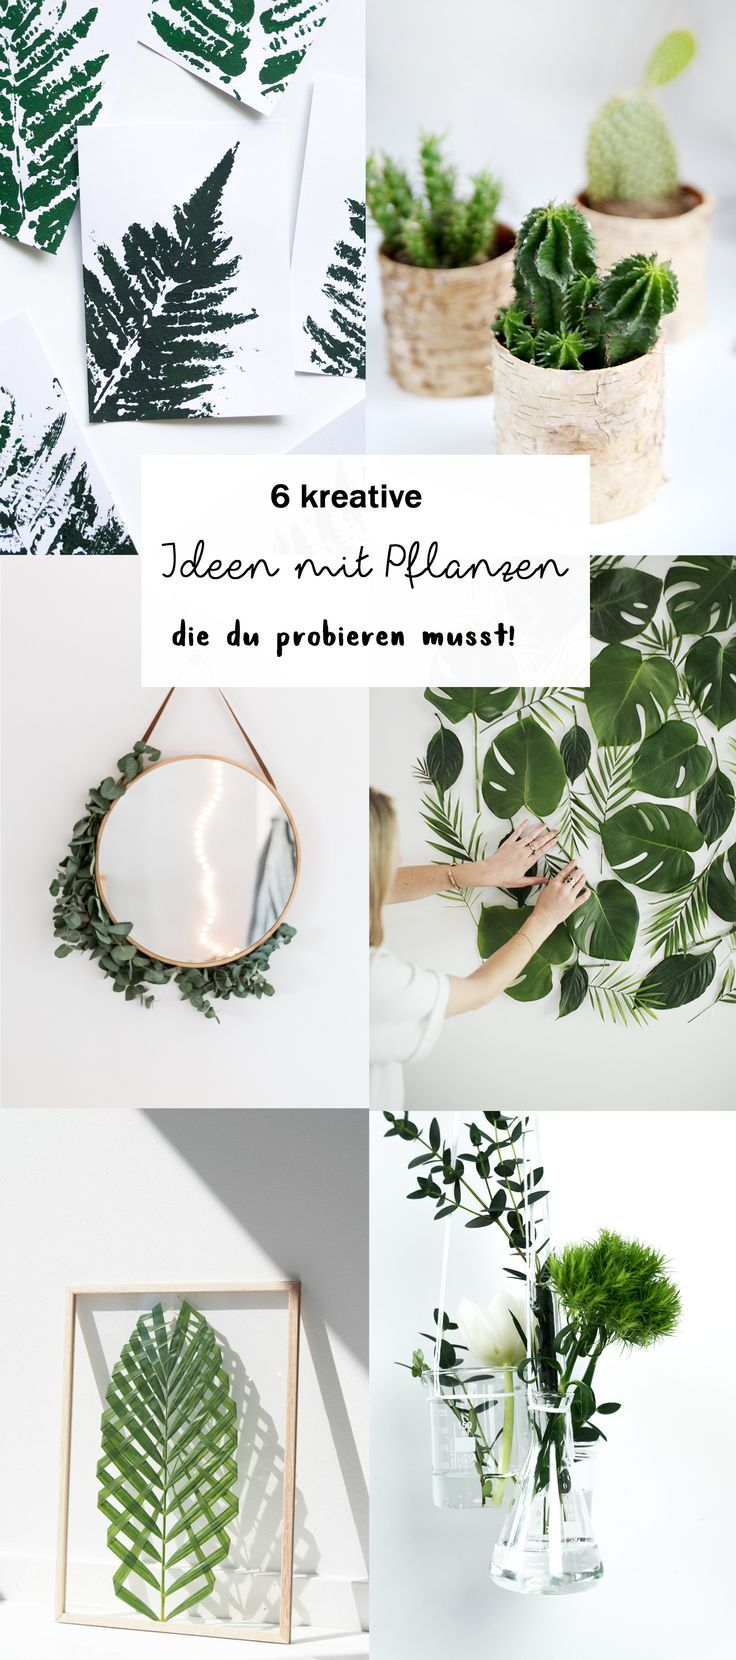 6 kreative Ideen für Pflanzen Deko